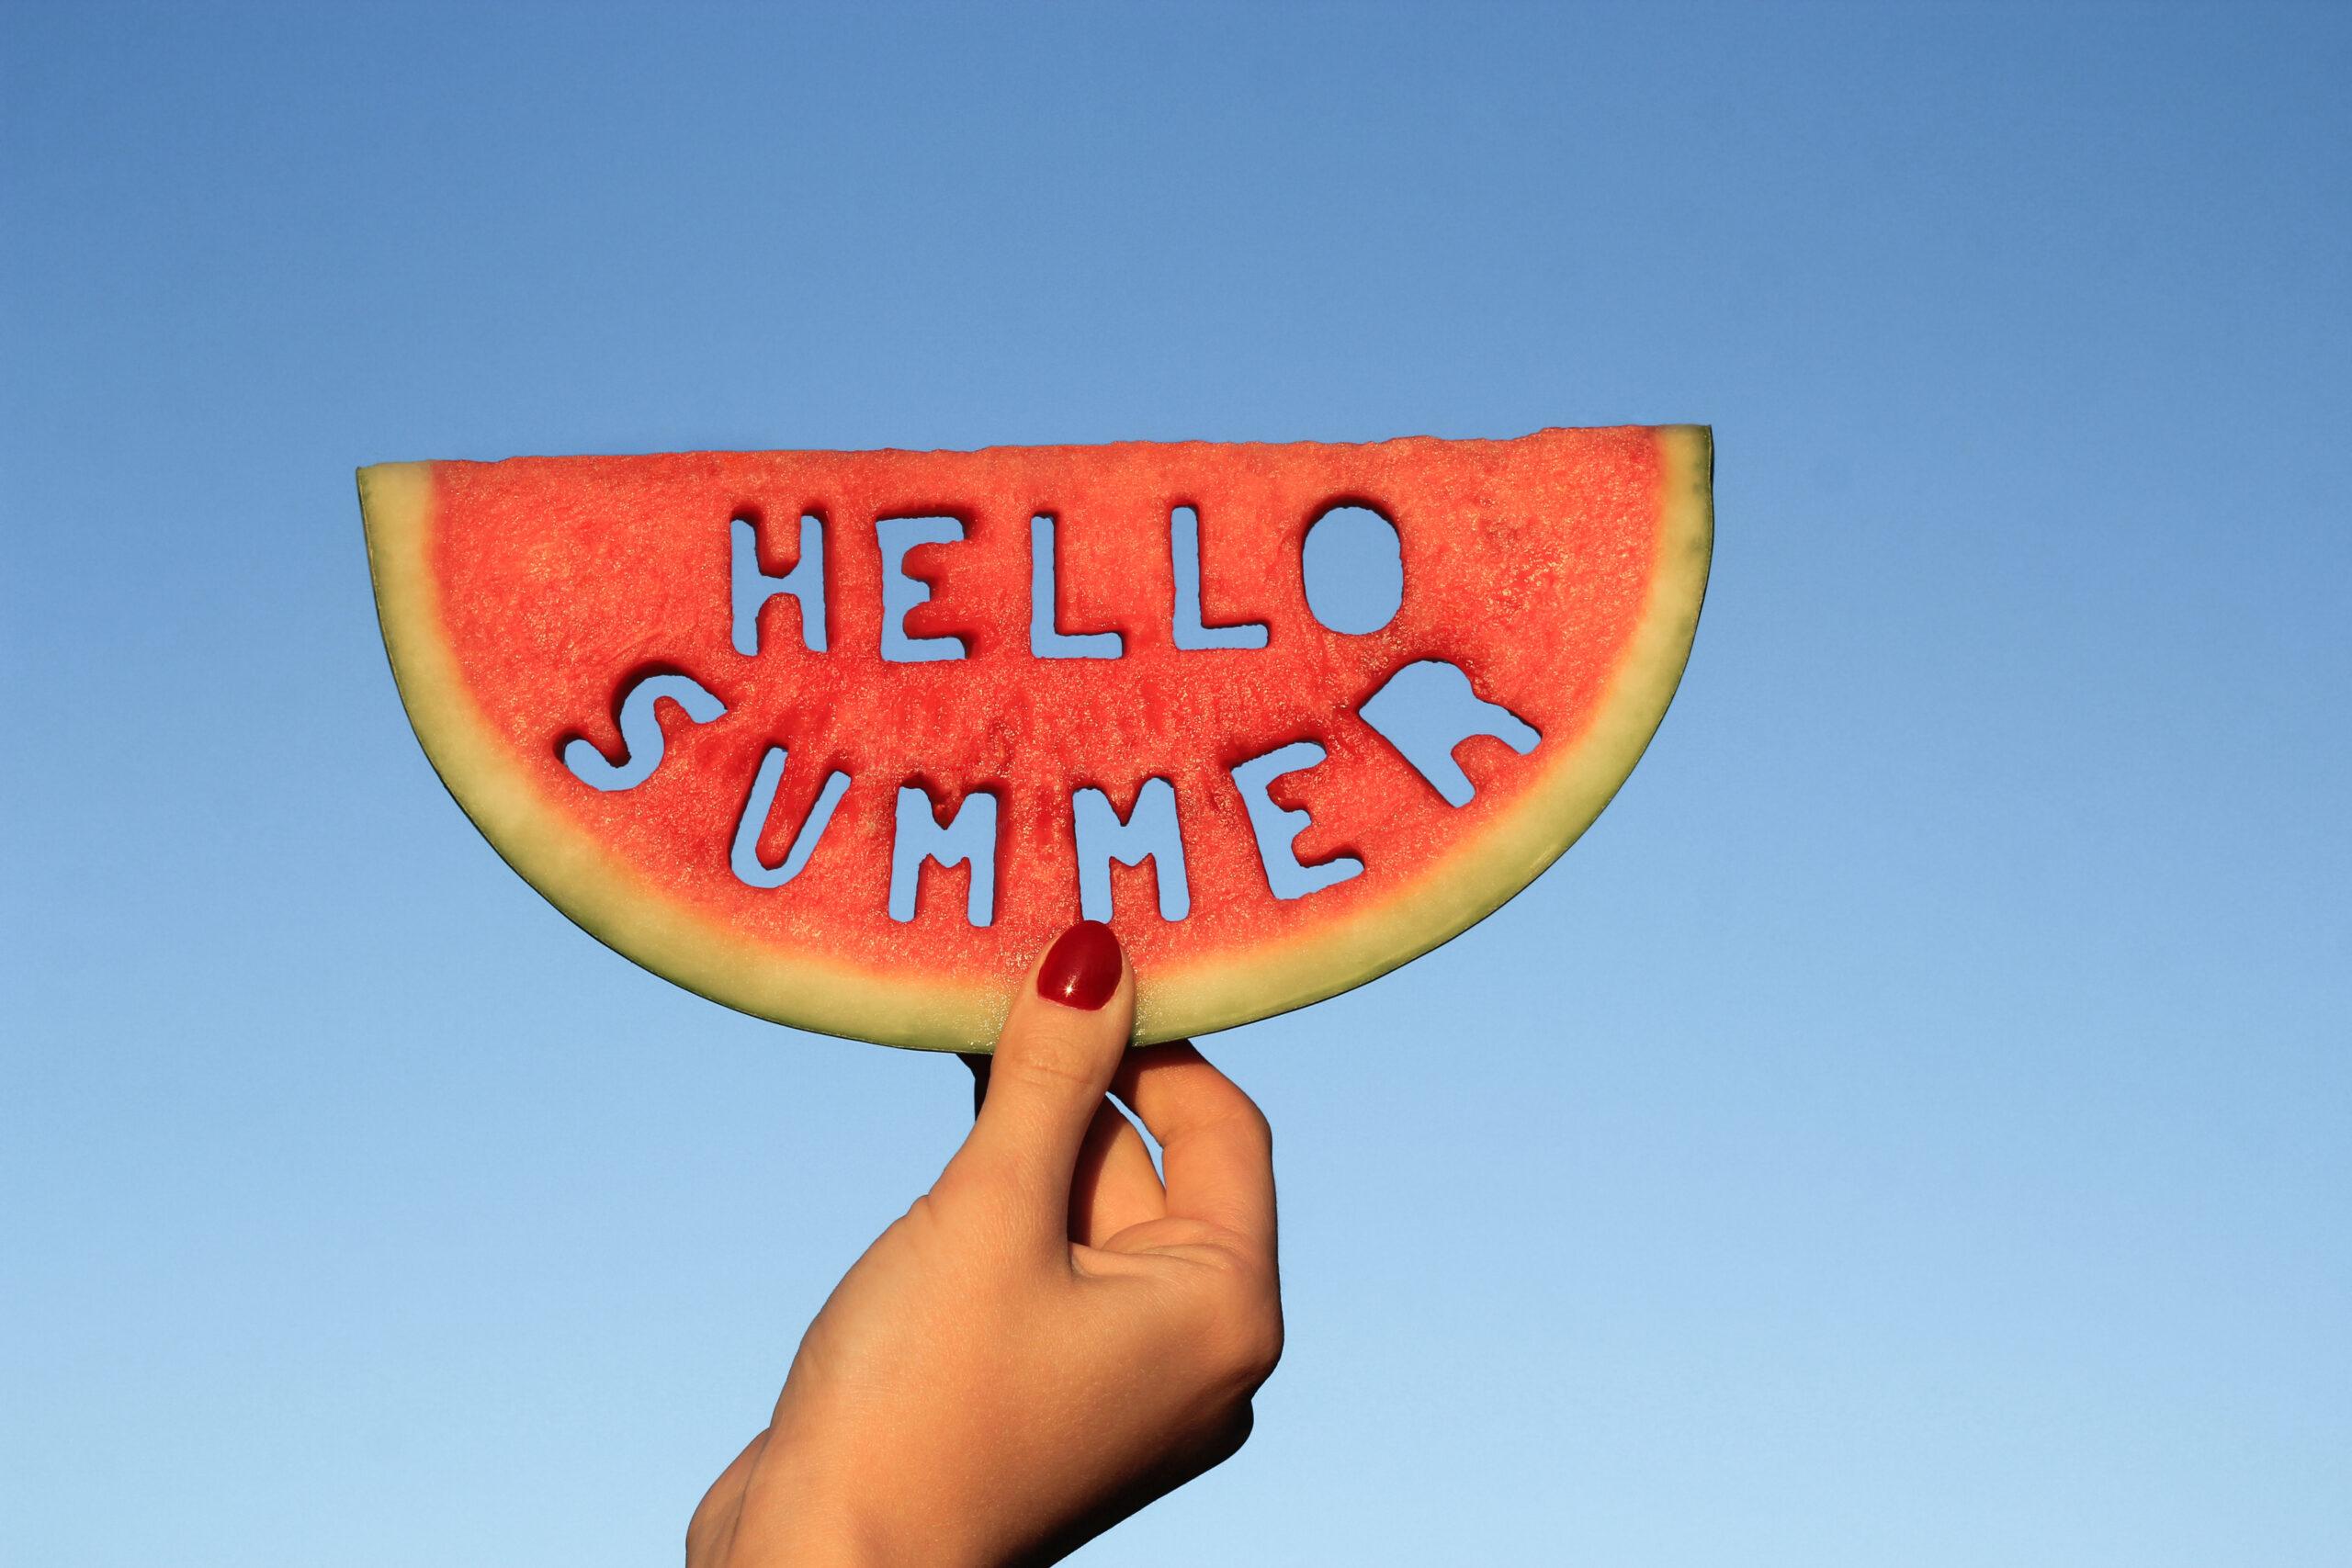 夏を乗り切る準備は万端ですっ